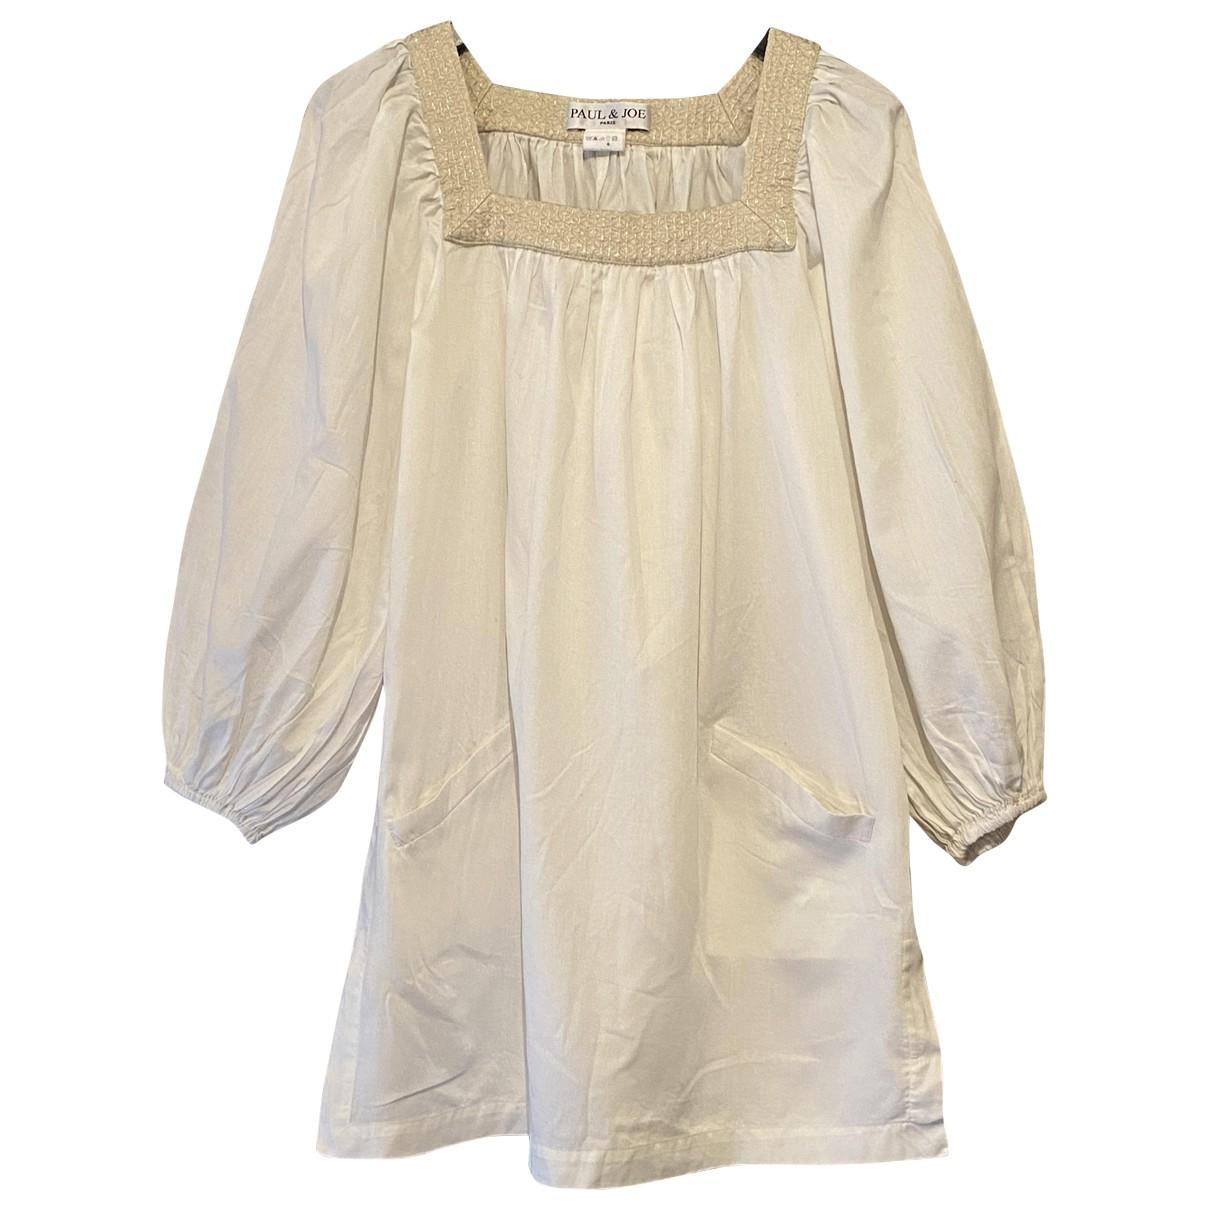 Paul & Joe - Robe   pour femme en coton - beige